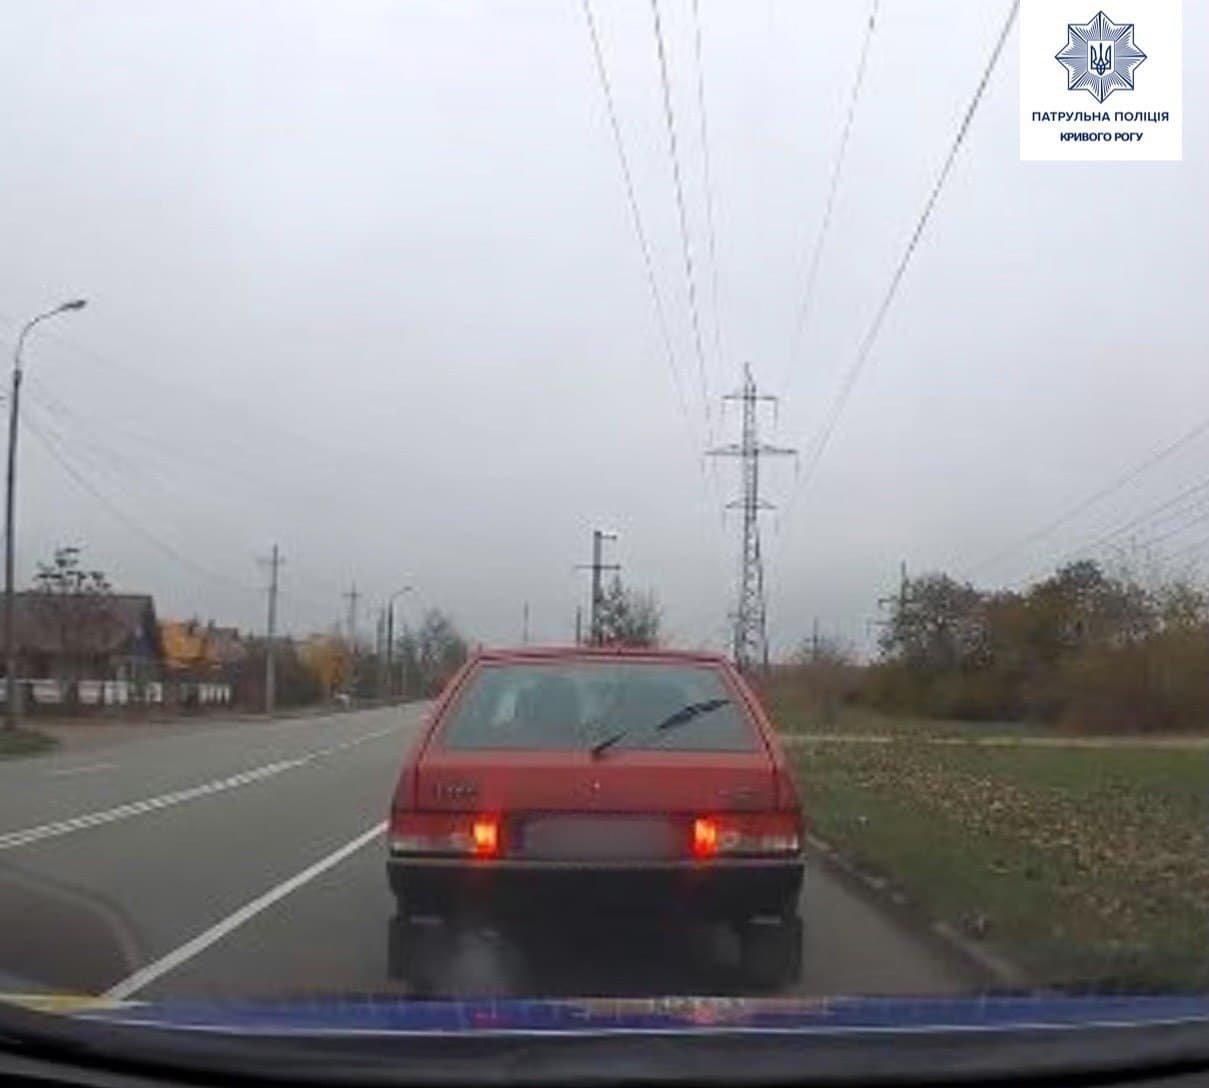 Употребивший наркотики криворожанин сел за руль и попался на глаза патрульным, - ФОТО, фото-1